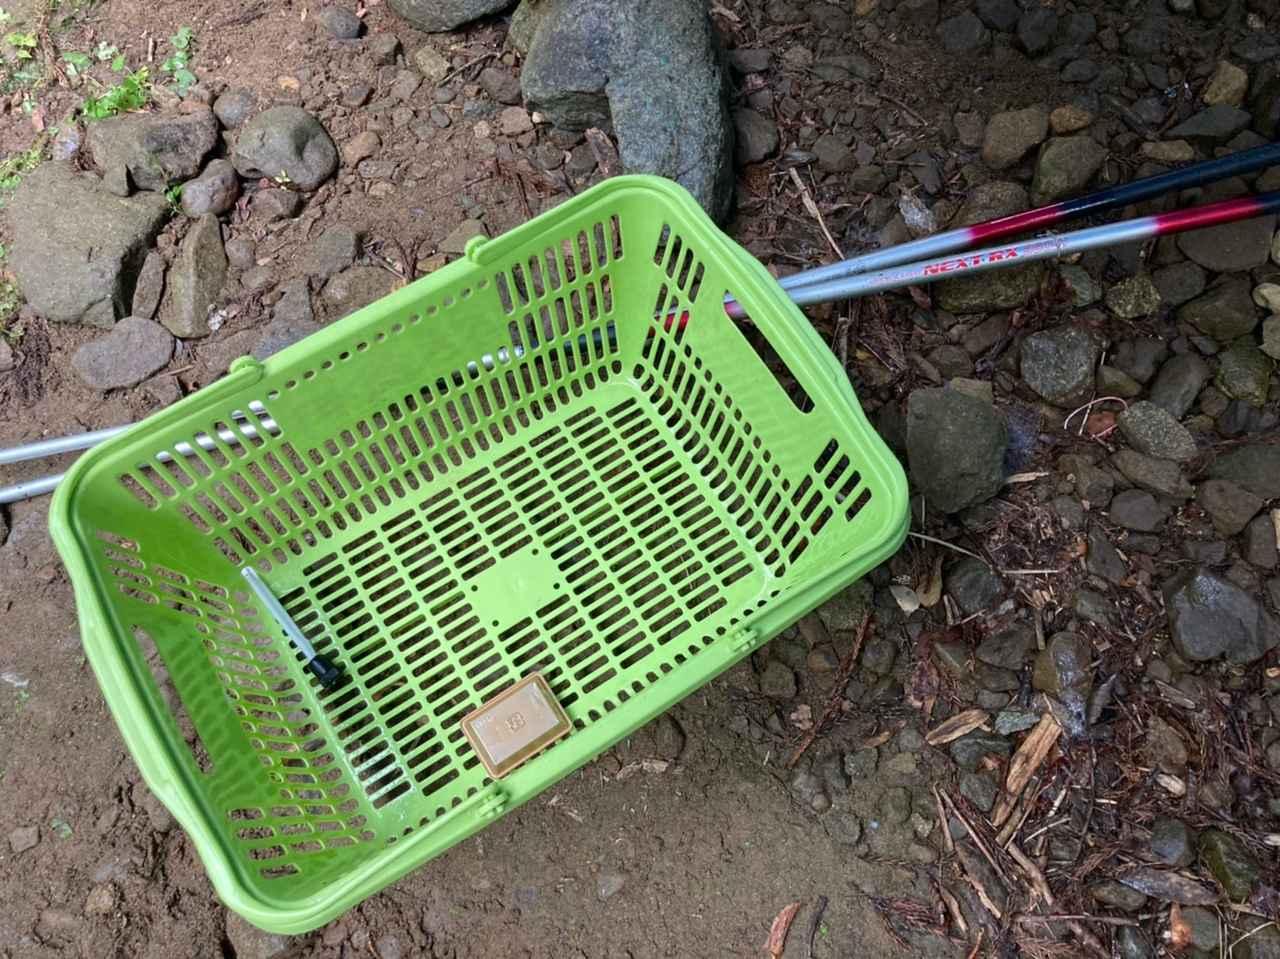 画像: 釣り竿2本と簡易生け簀用のカゴをレンタル (筆者撮影)